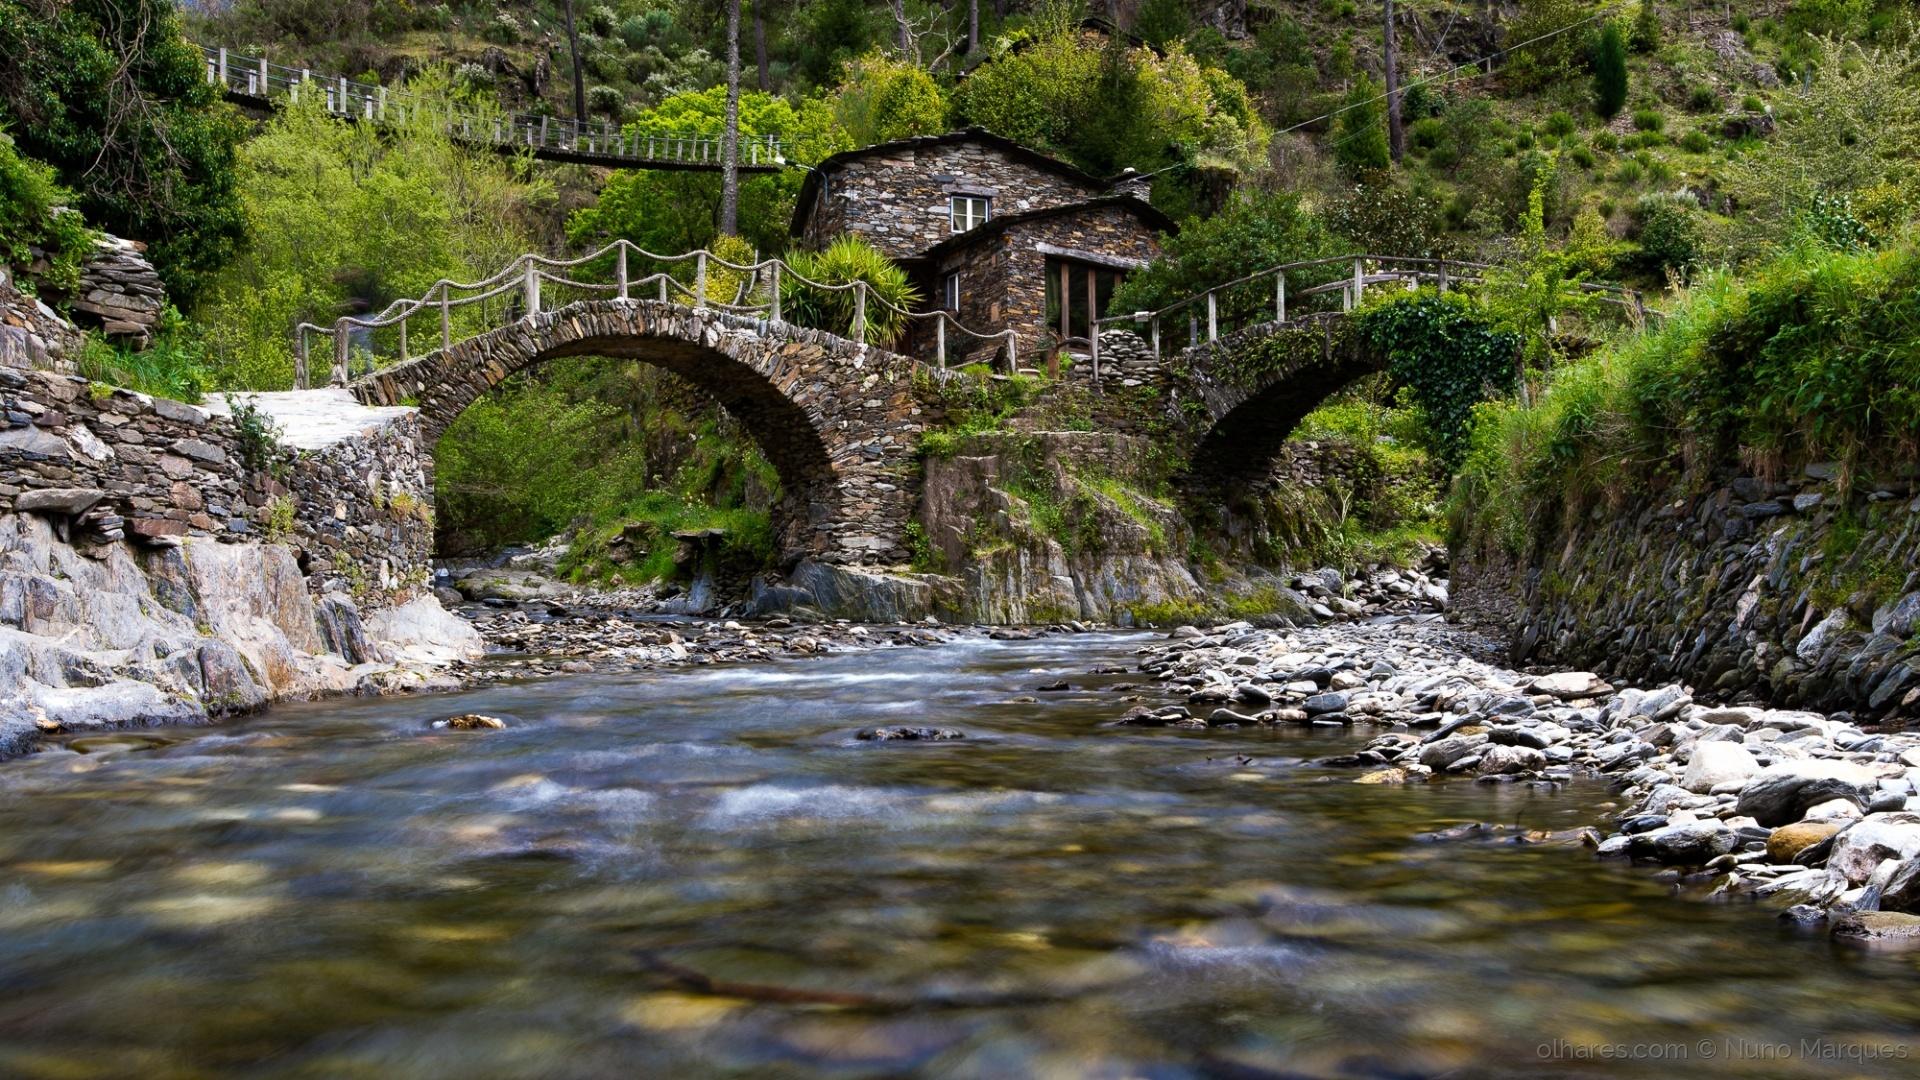 Paisagem Natural/Recantos de Portugal